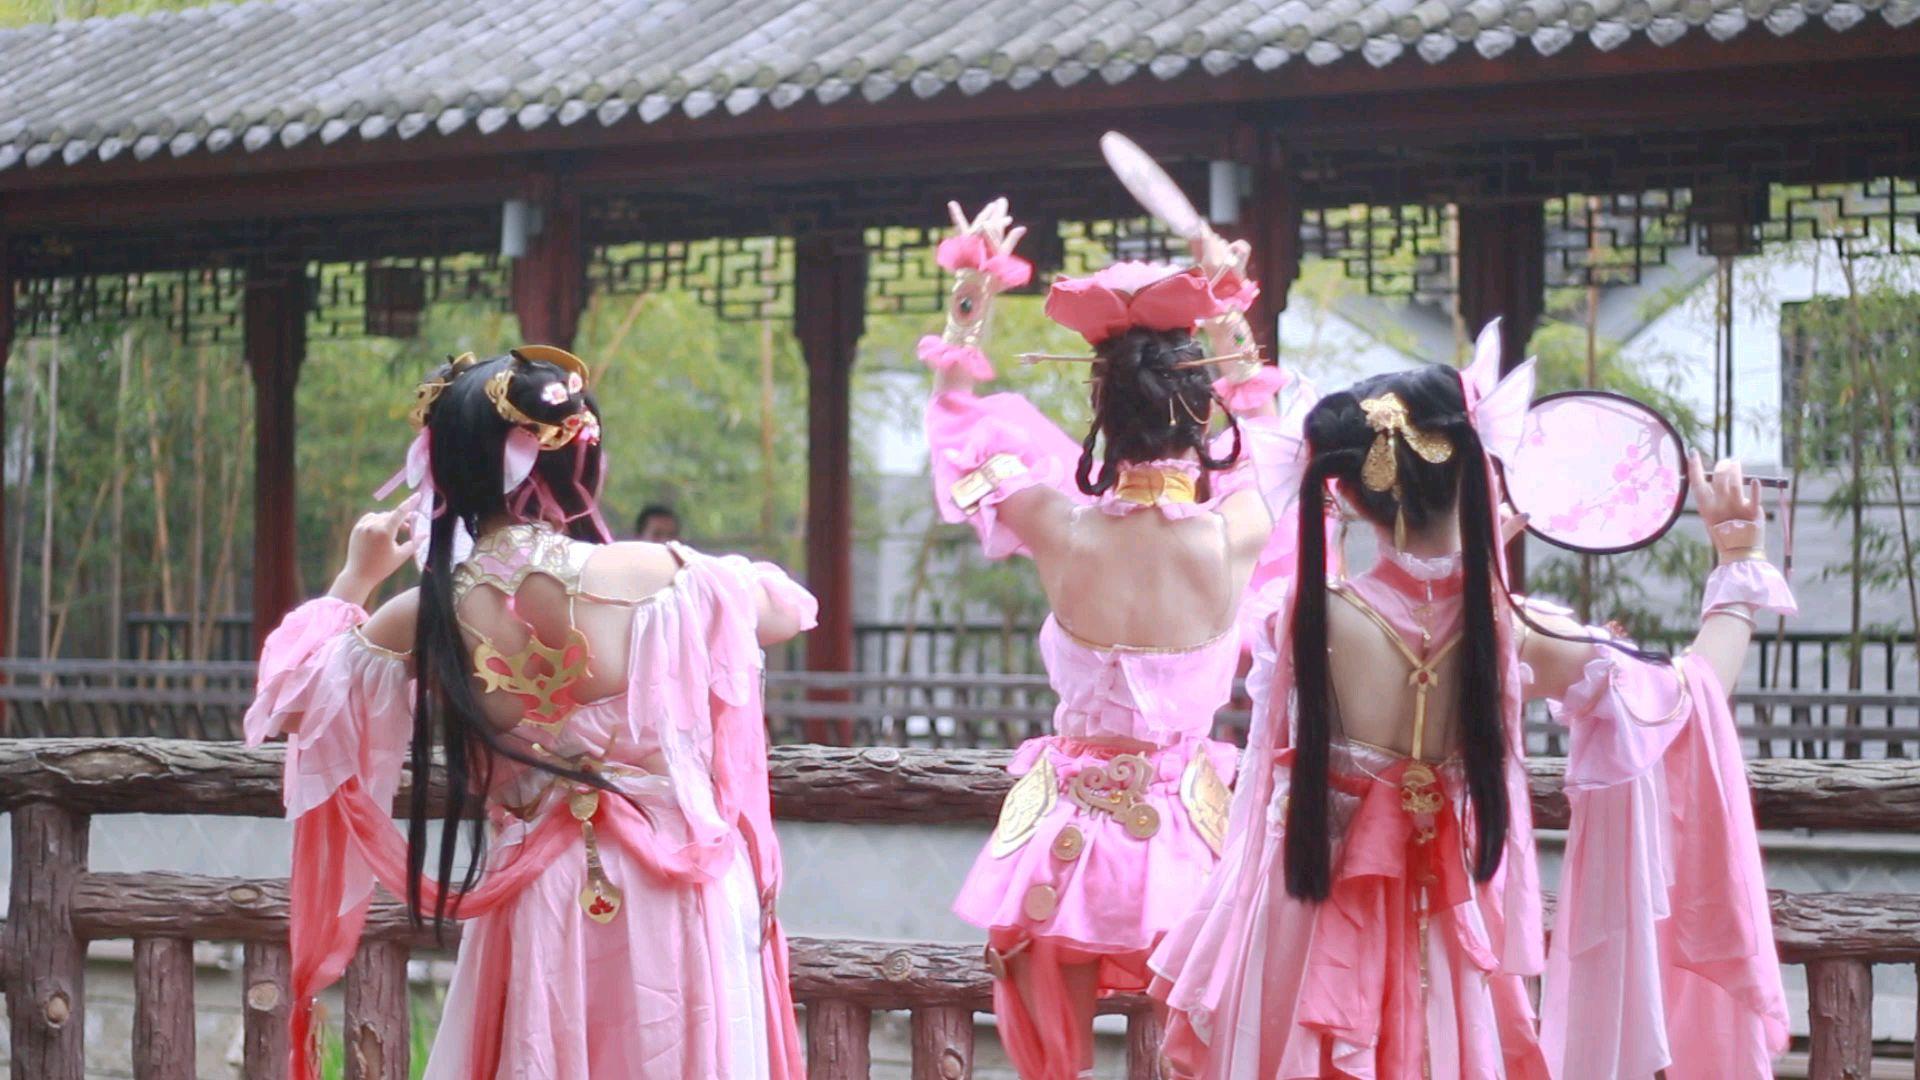 【A等生】【次元】秀姐带着秀萝们出来尬舞啦!